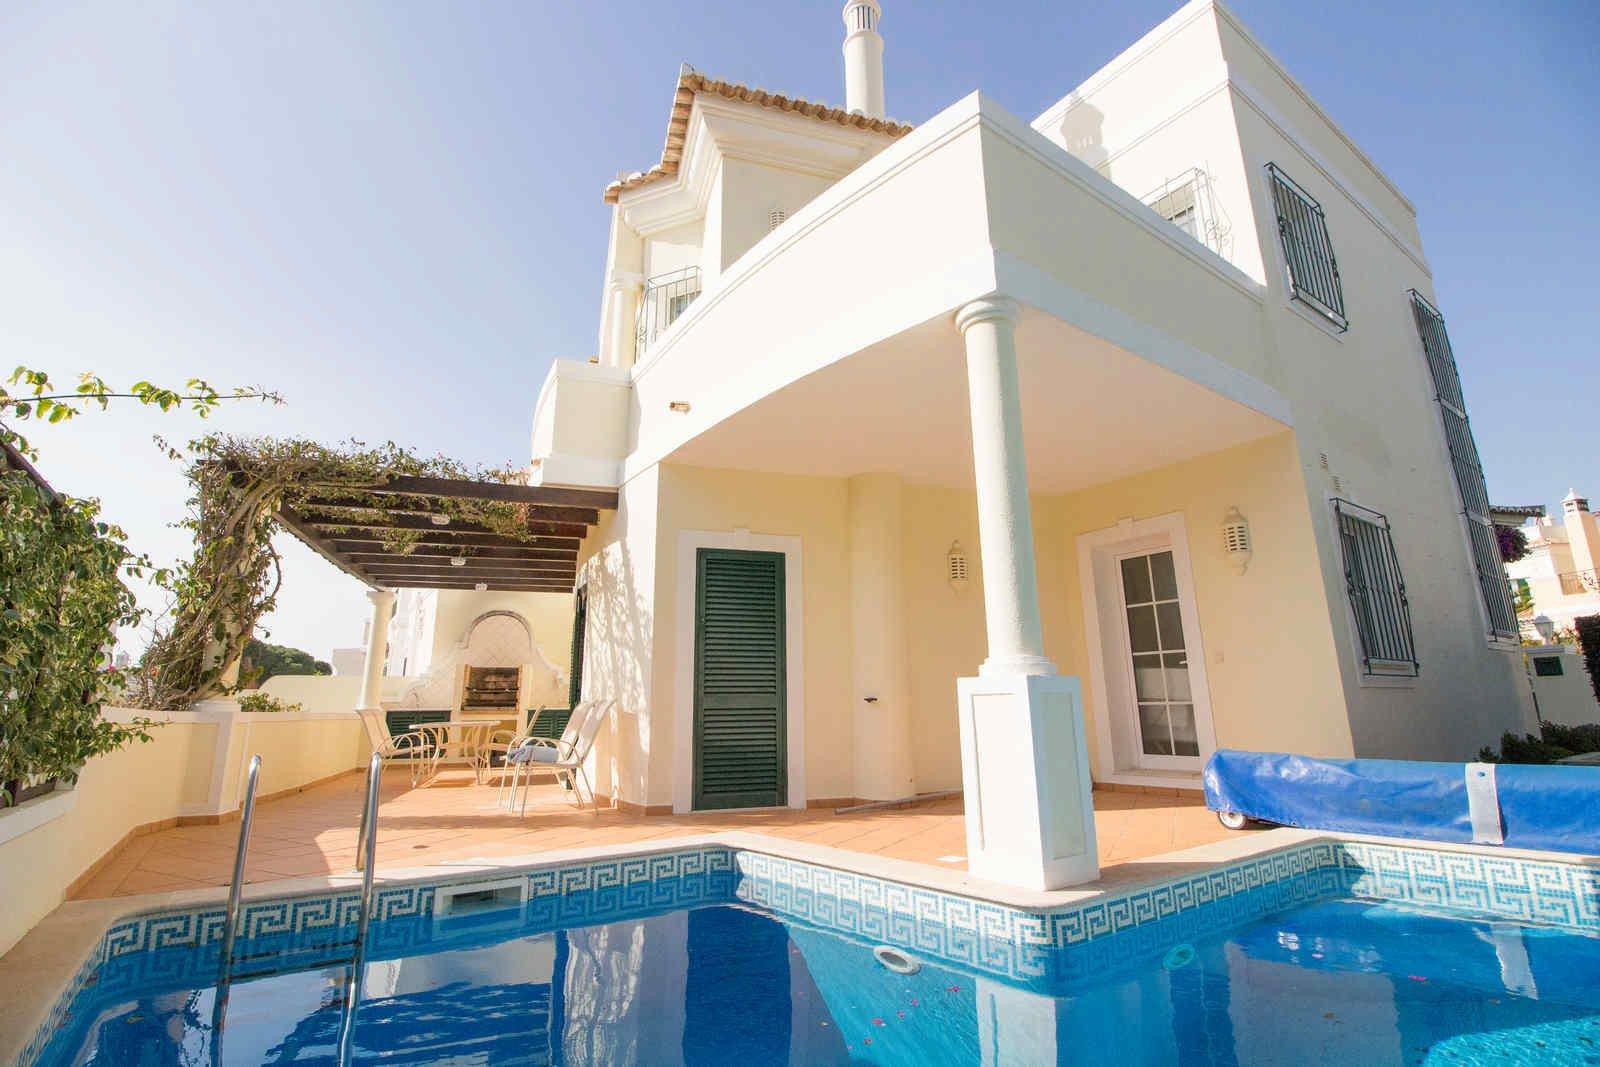 3 Bedroom Villa Vale do Lobo, Central Algarve Ref: PV3427